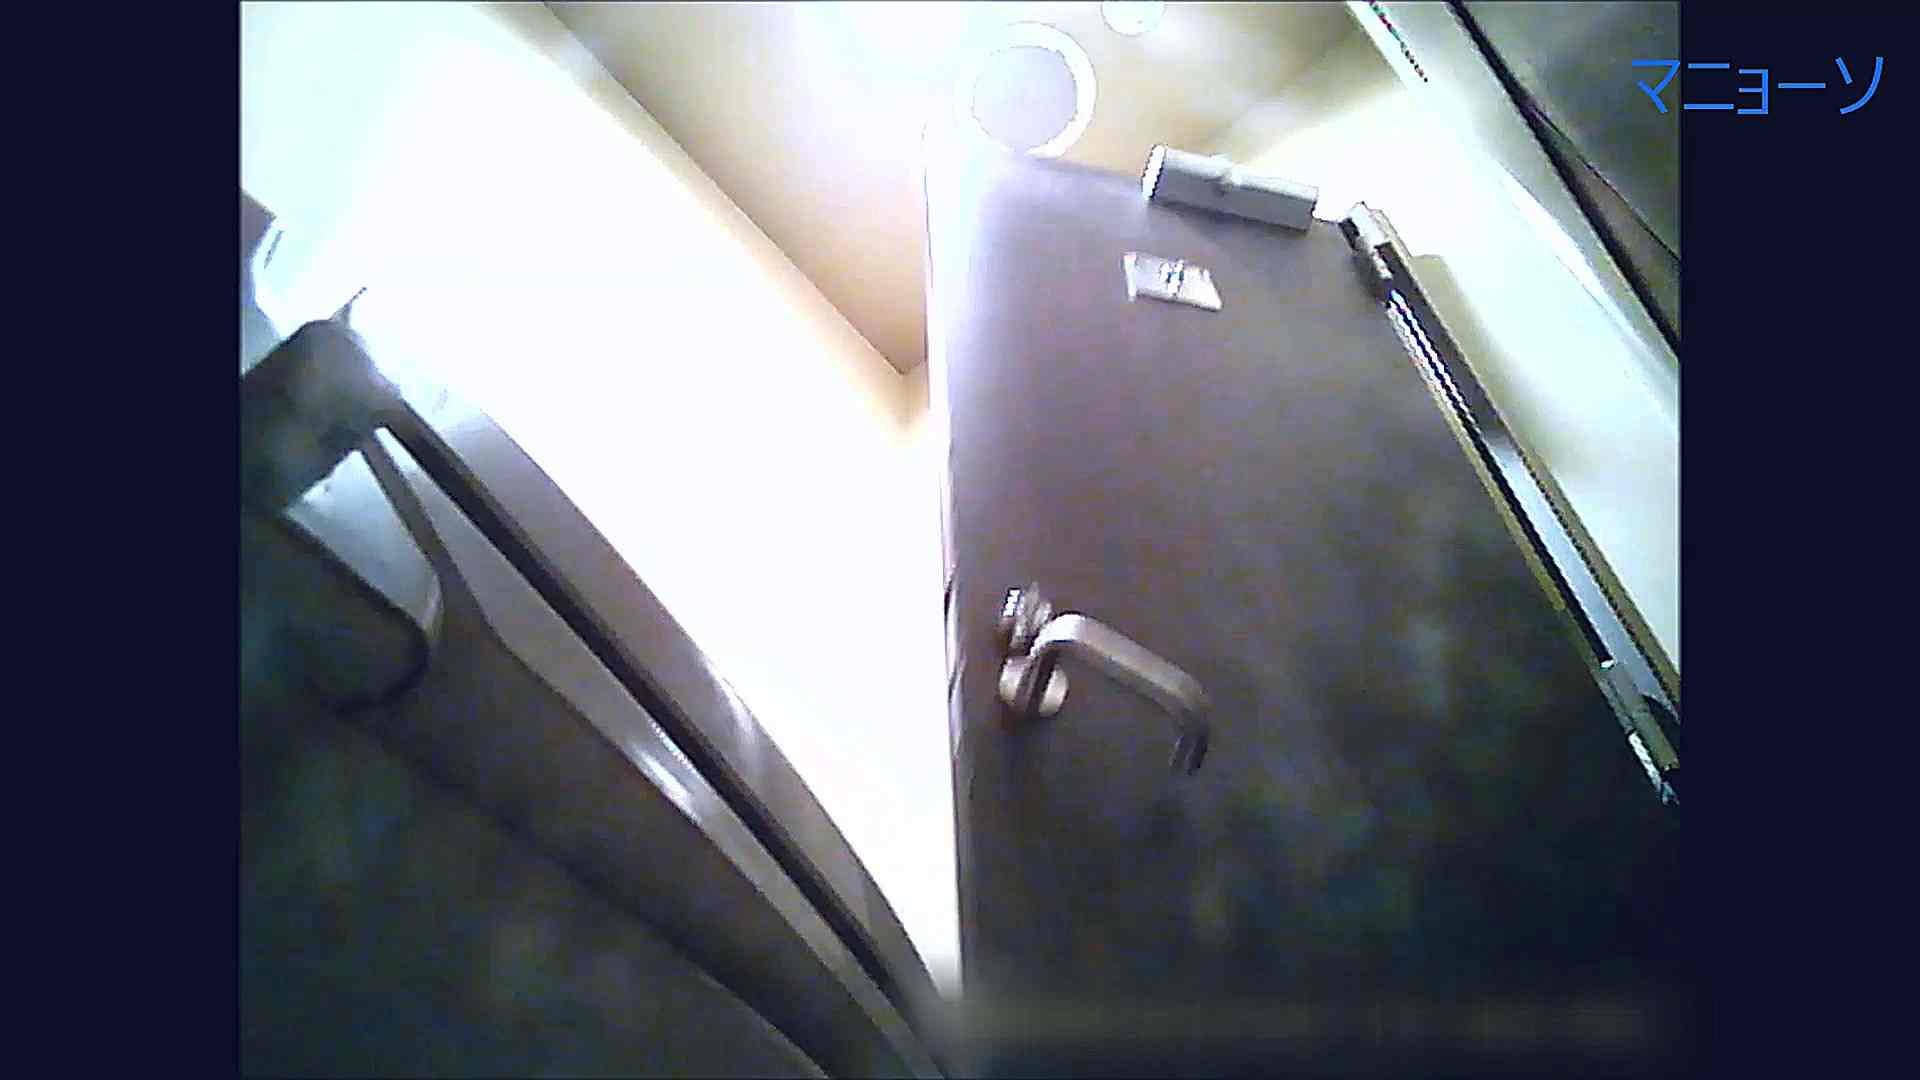 トイレでひと肌脱いでもらいました (OL編)Vol.11 OLのボディ | トイレの実態  64PIX 1